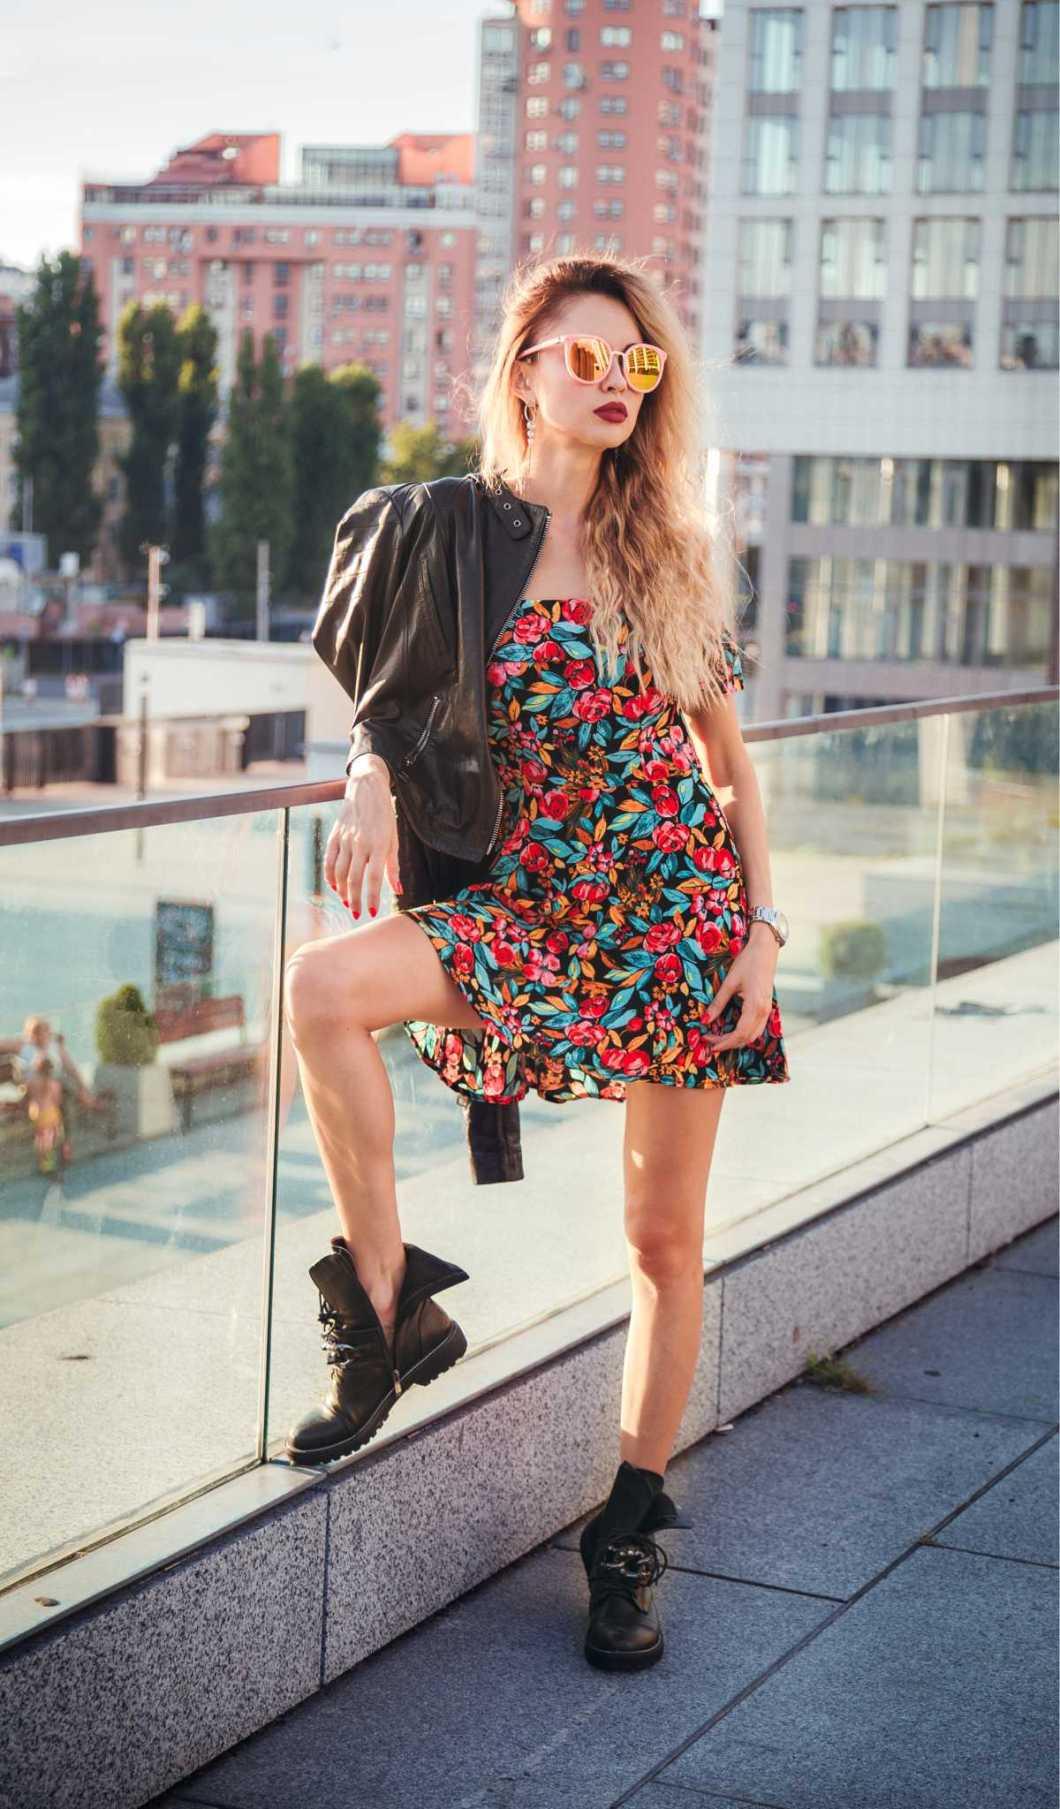 dress floral com botas coturno é um dos vestidos florais tendência neste inverno